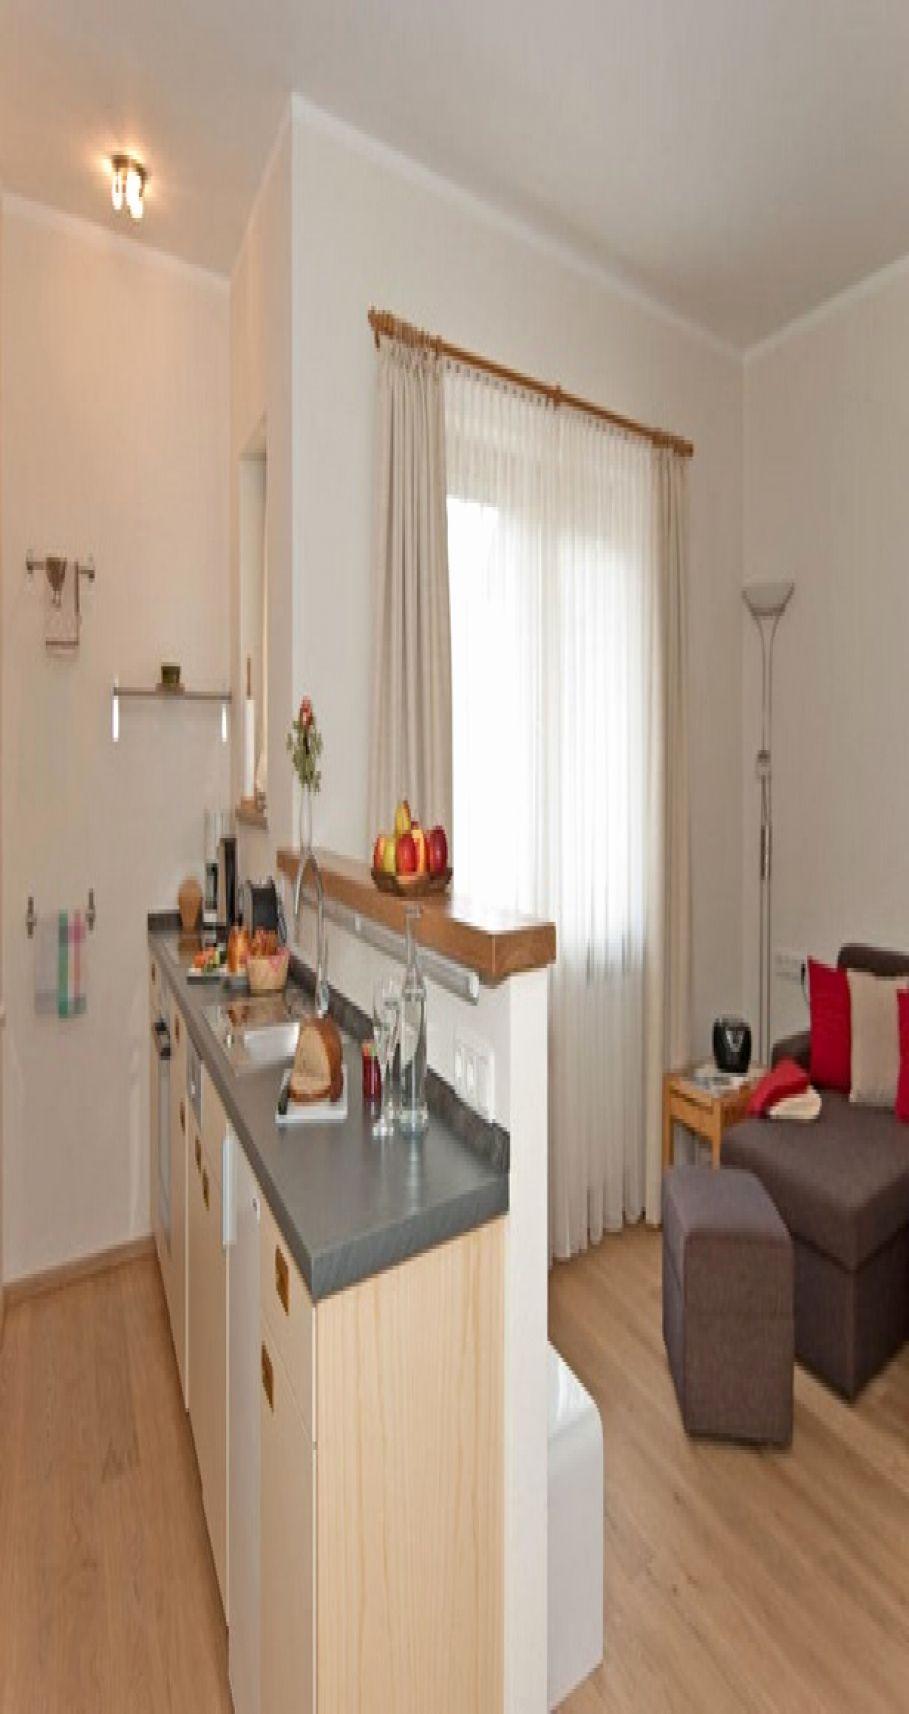 29 Schön Wohnzimmer Mit Küche   Home decor, Home, Interior